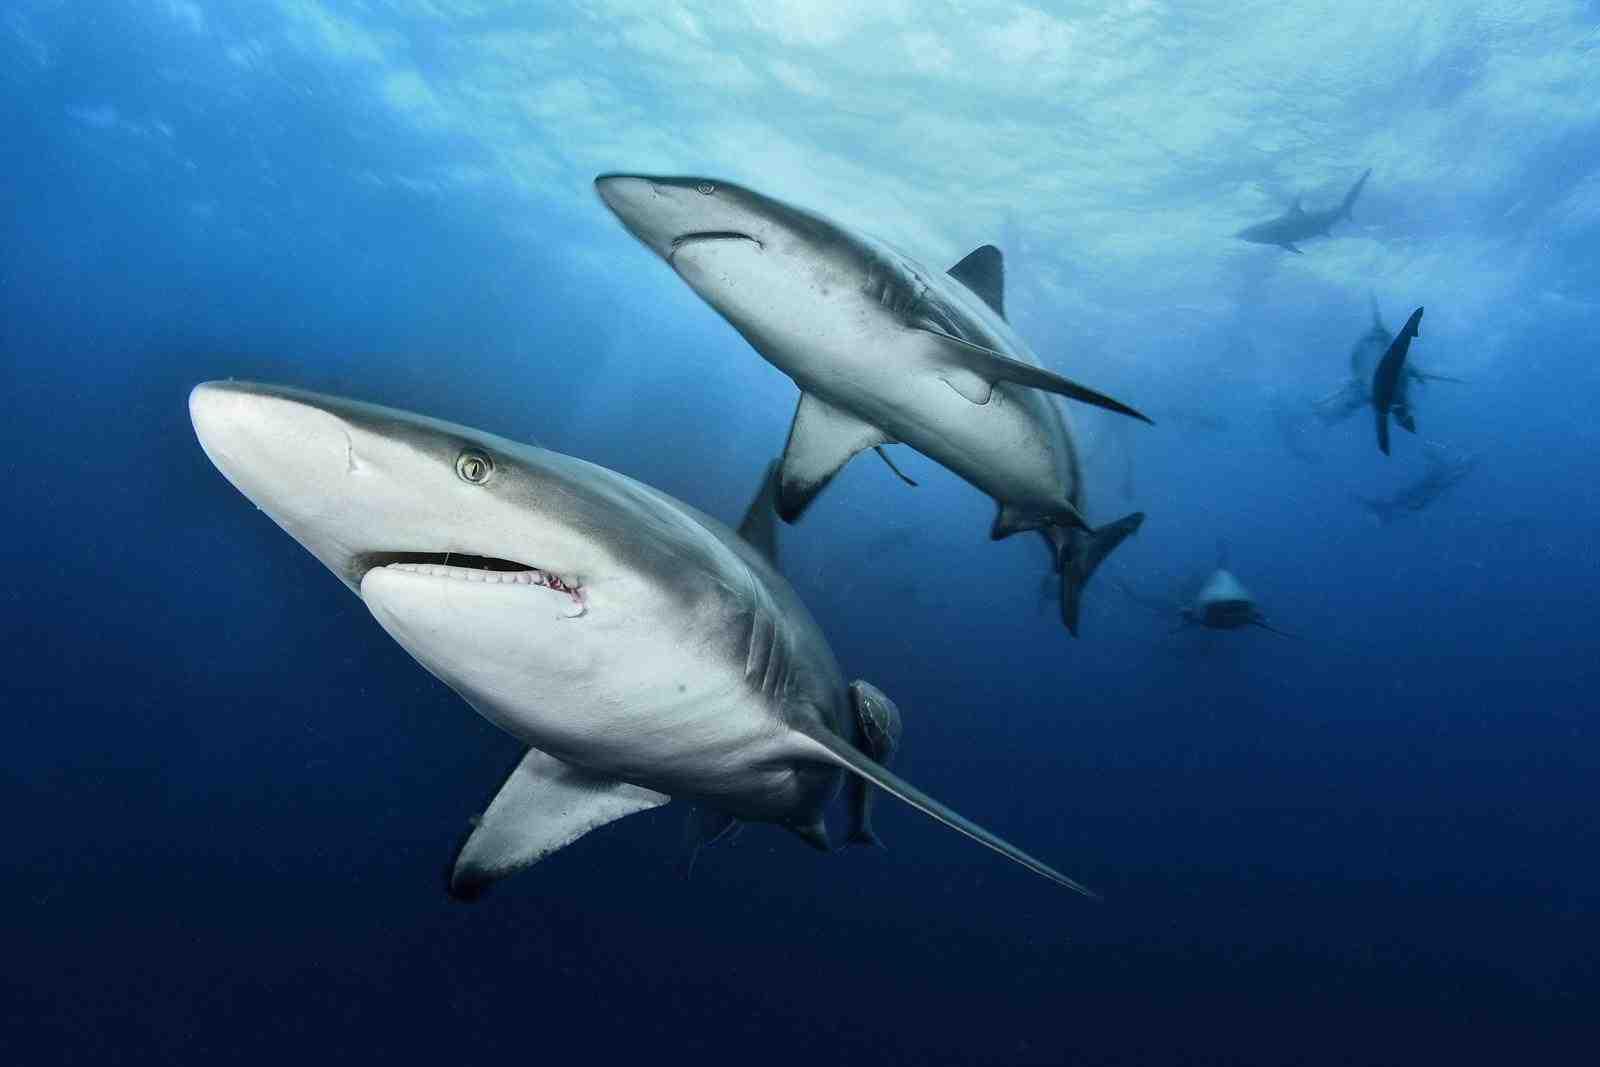 Écosystèmes de récifs coralliens qui abritent des populations denses de requins (plus de 700 requins) Atoll de South Pass Fakarava, Polynésie française.